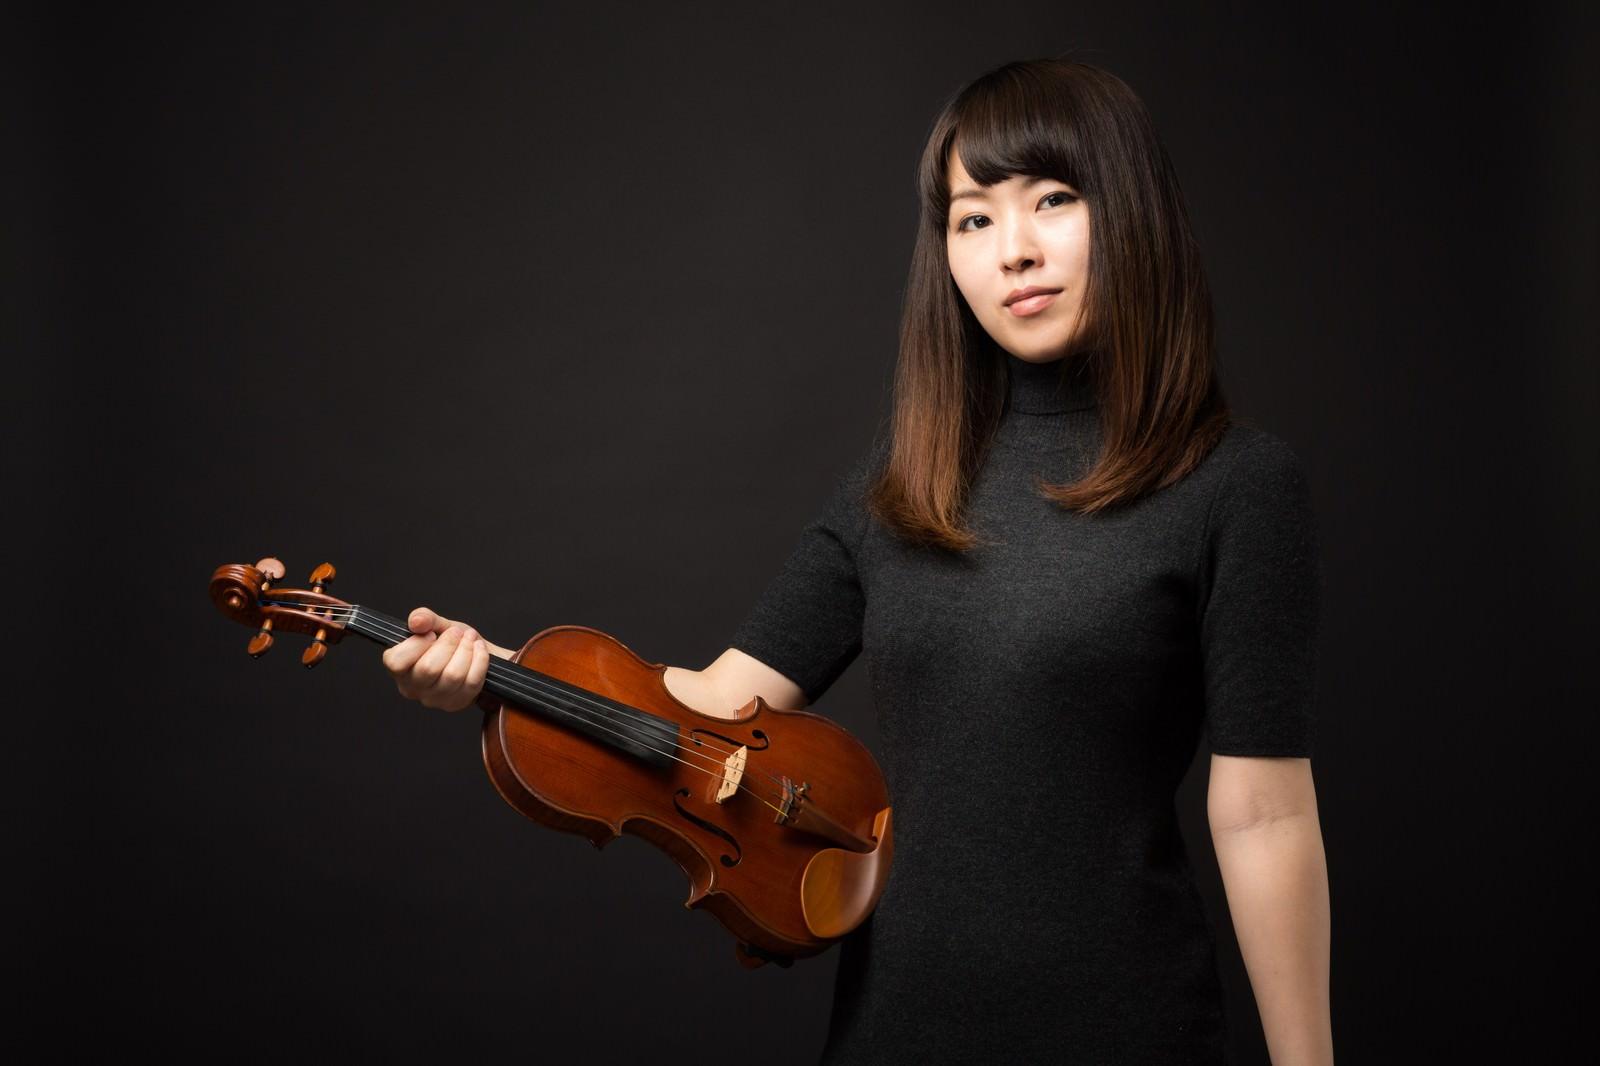 「ヴァイオリンを片手にこちらをみる女性」の写真[モデル:yukiko]